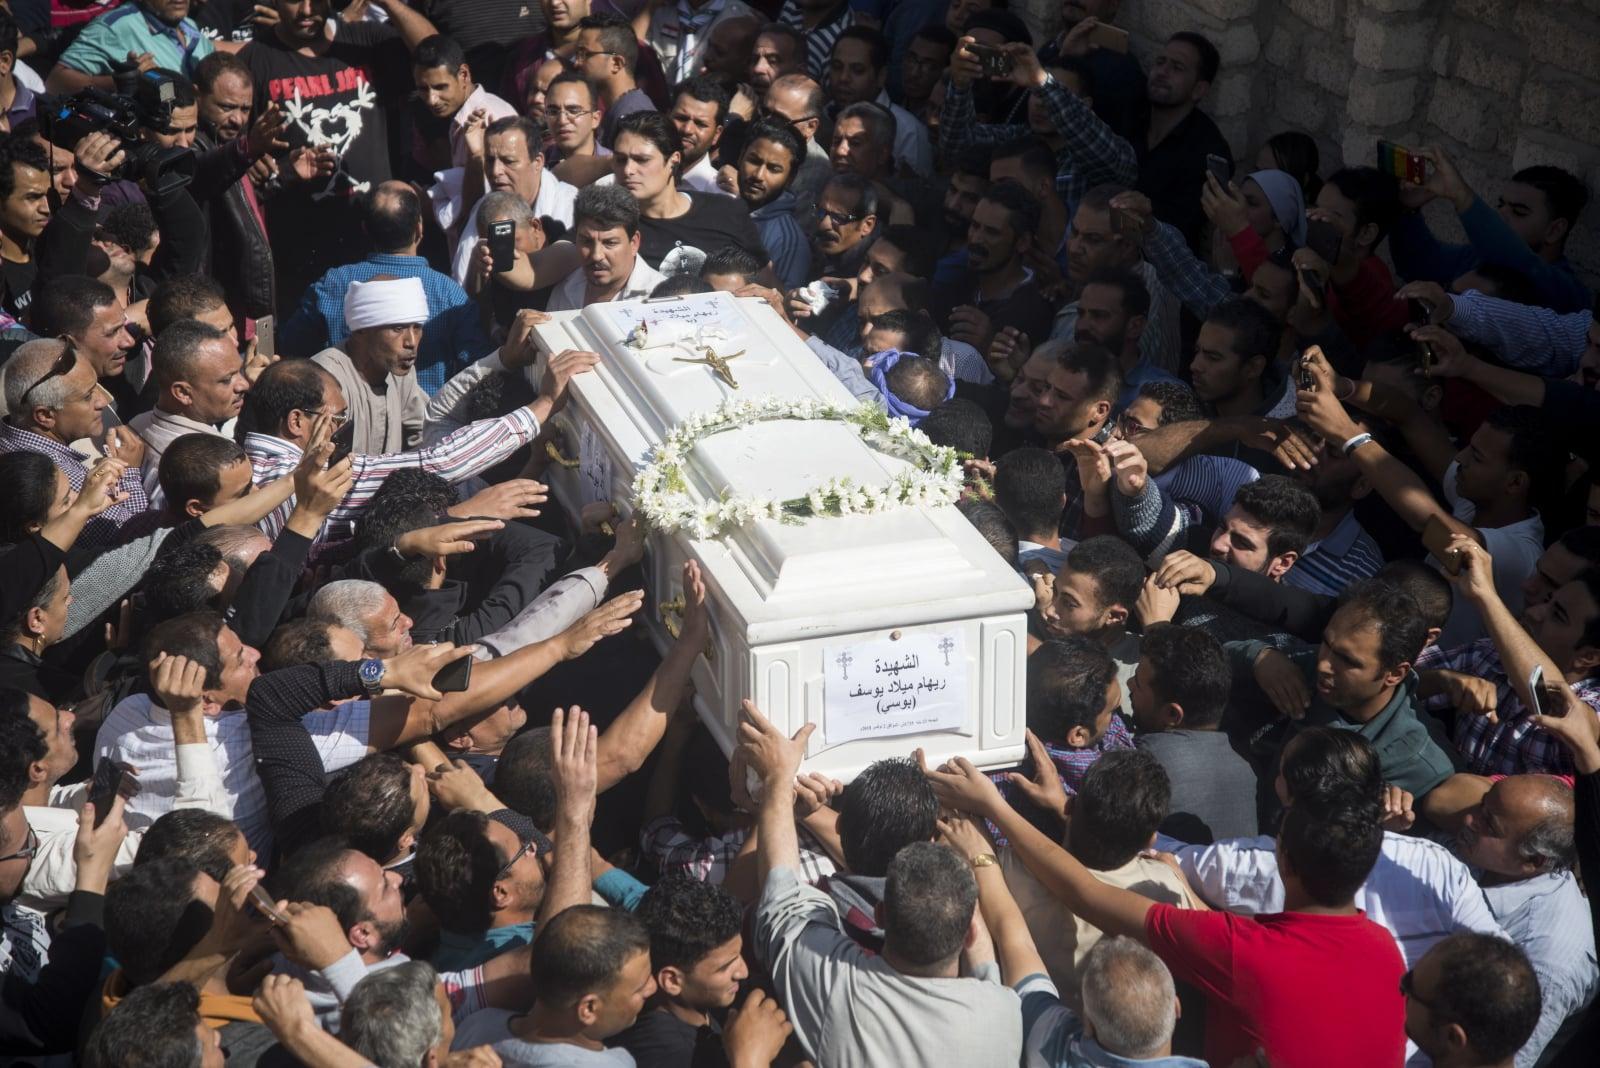 Pogrzeb ofiar wczorajszego zamachu w Egipcie Fot. PAP/EPA/MAHMOUD ABO ELDAHAB